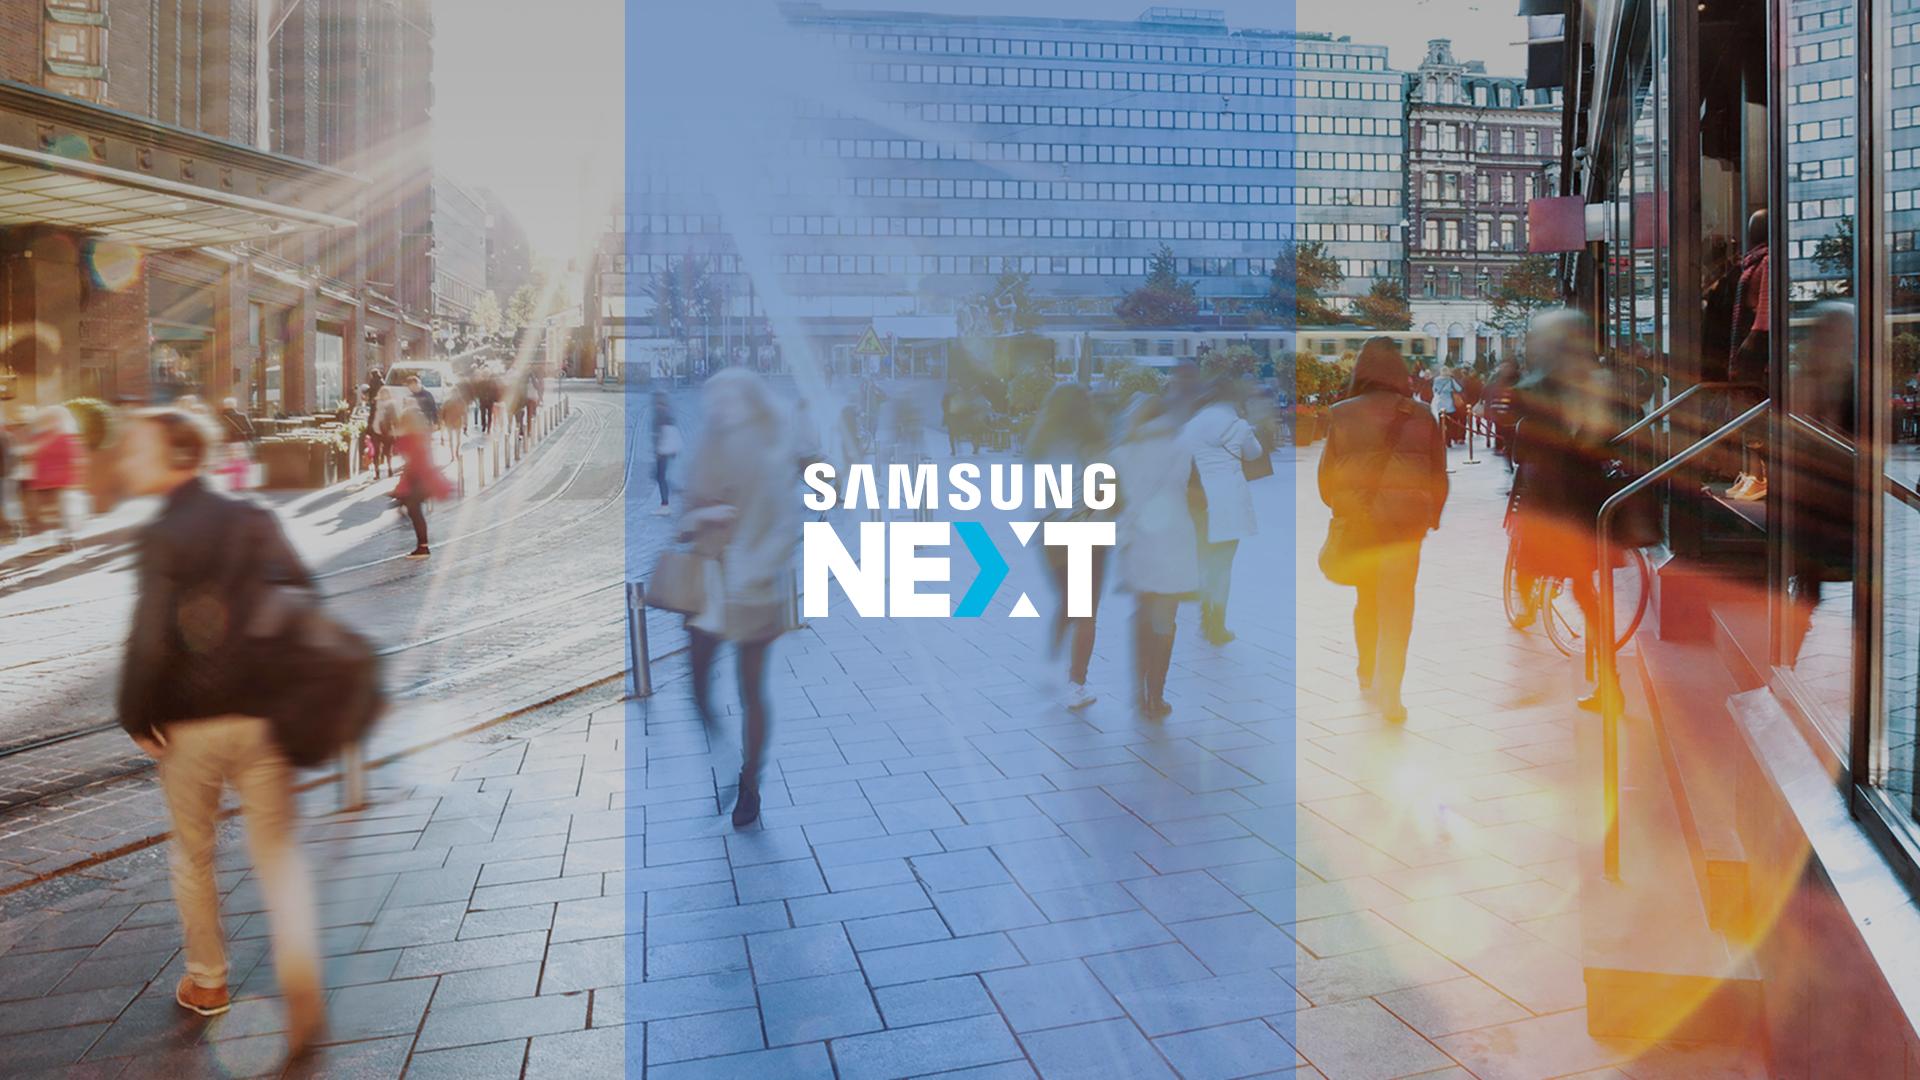 Samsung Next Website Design Preview